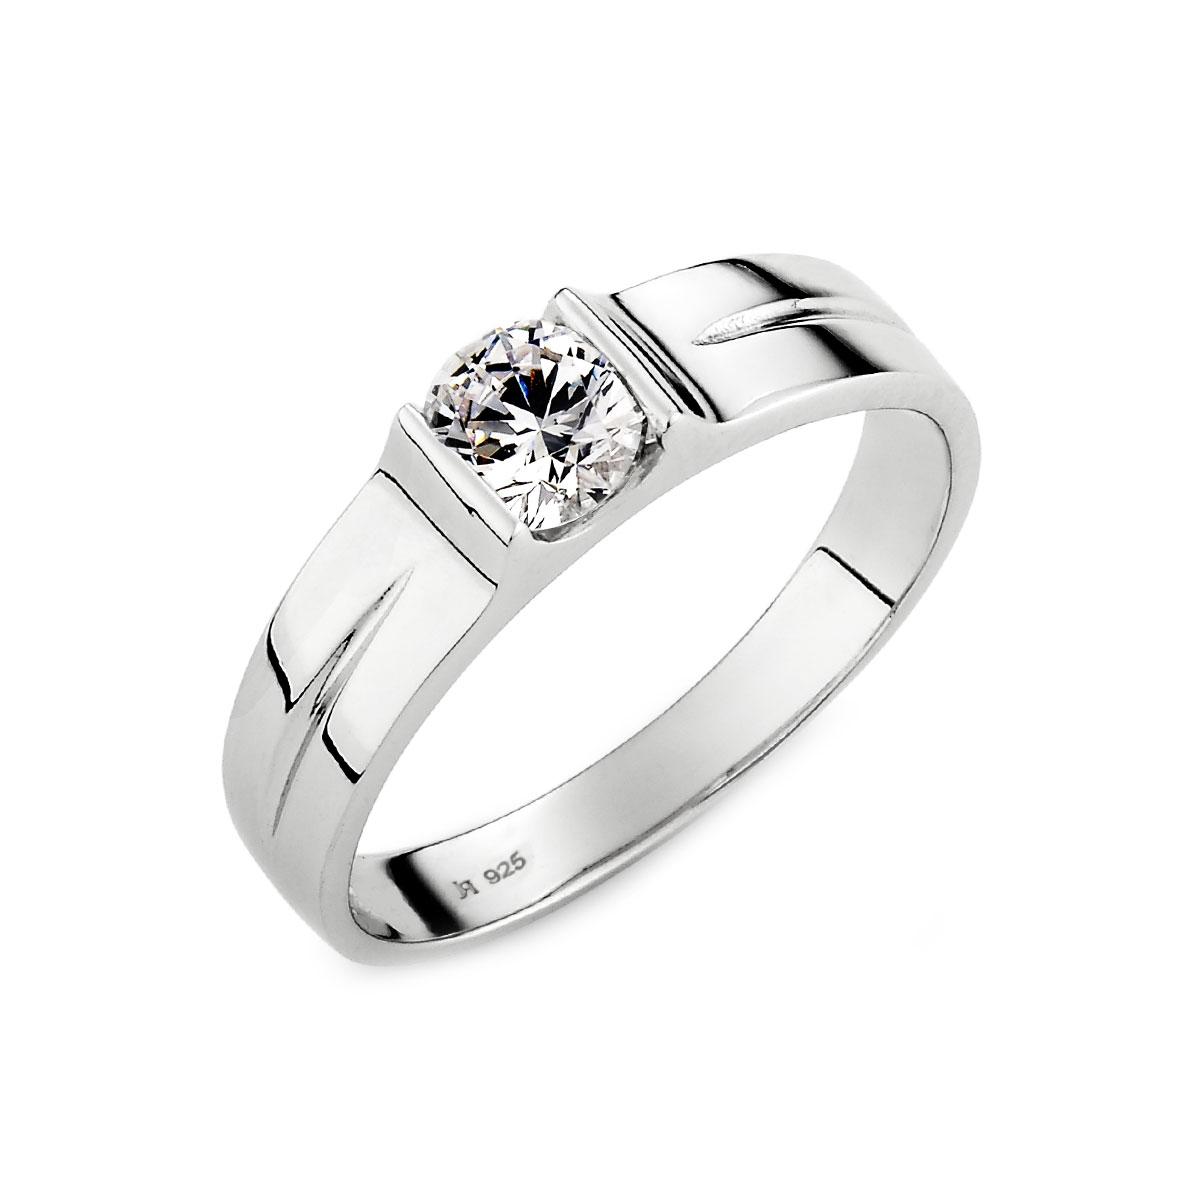 KSW270 因你而在流線感單鑽戒指